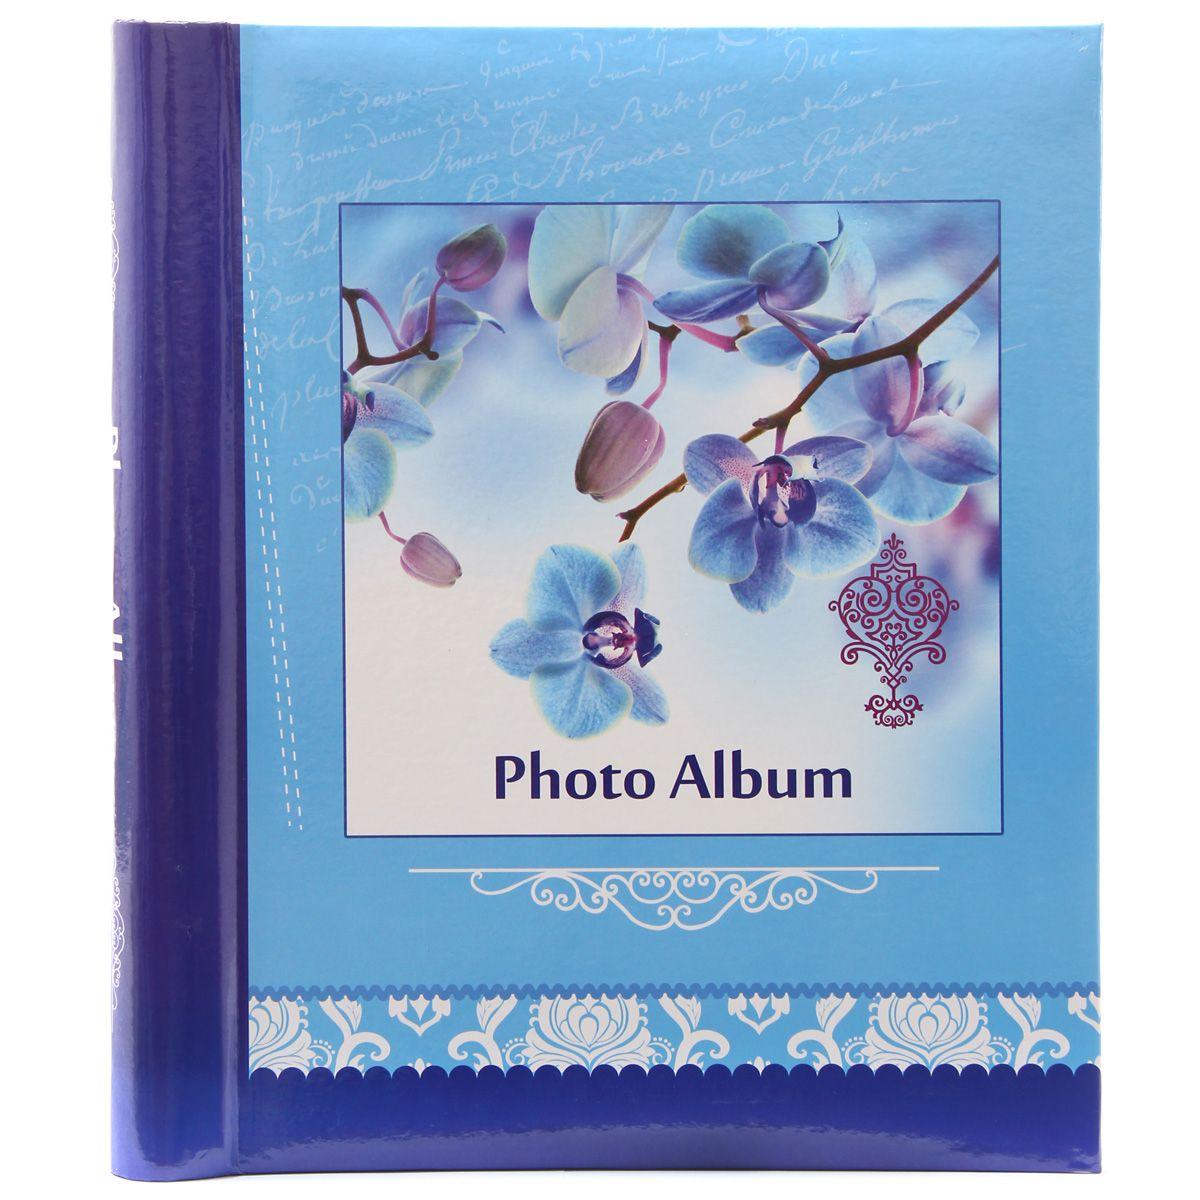 Фотоальбом Pioneer Spring Paints, 20 магнитных листов, цвет: голубой, 23 х 28 см46450 AP202328SAАльбом для фотографий. Кол-во листов: 20. Материалы, использованные в изготовлении альбома, обеспечивают высокое качество хранения Ваших фотографий, поэтому фотографии не желтеют со временем Конечно, никаких магнитов в этих альбомах нет. Есть страницы из плотной бумаги или тонкого картона, на этих страницах нанесено клейковатое покрытие и сверху страница закрыта прозрачной плёнкой, которая зафиксирована на внешнем ребре страницы. Фотографии на такой странице держатся за счёт того, что плёнка прилипает (как бы примагничивается) к странице. При этом фотографии не повреждаются, т.к. тыльная сторона не приклеивается к странице. Для того, чтобы разместить фотографии на магнитной странице, надо отлепить плёнку по направлению от корешка альбома к внешней (зафиксированной) стороне страницы, разложить фотографии поверх клейковатого покрытия так, как вам нравится. При этом обязательно надо оставлять по периметру страницы свободное поле, к которому и будет «примагничиваться» прозрачная...